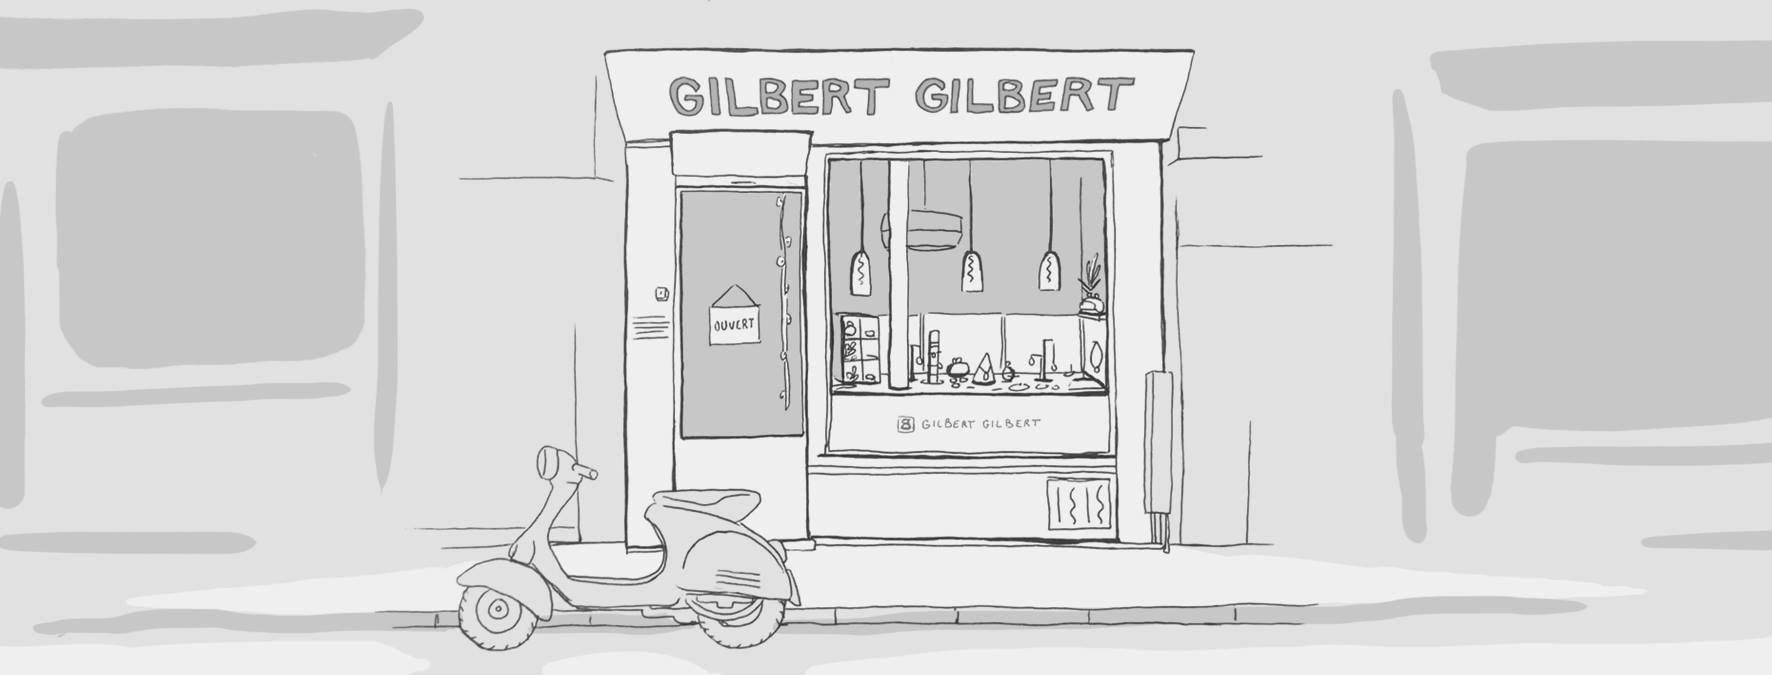 Gilbert gilbert